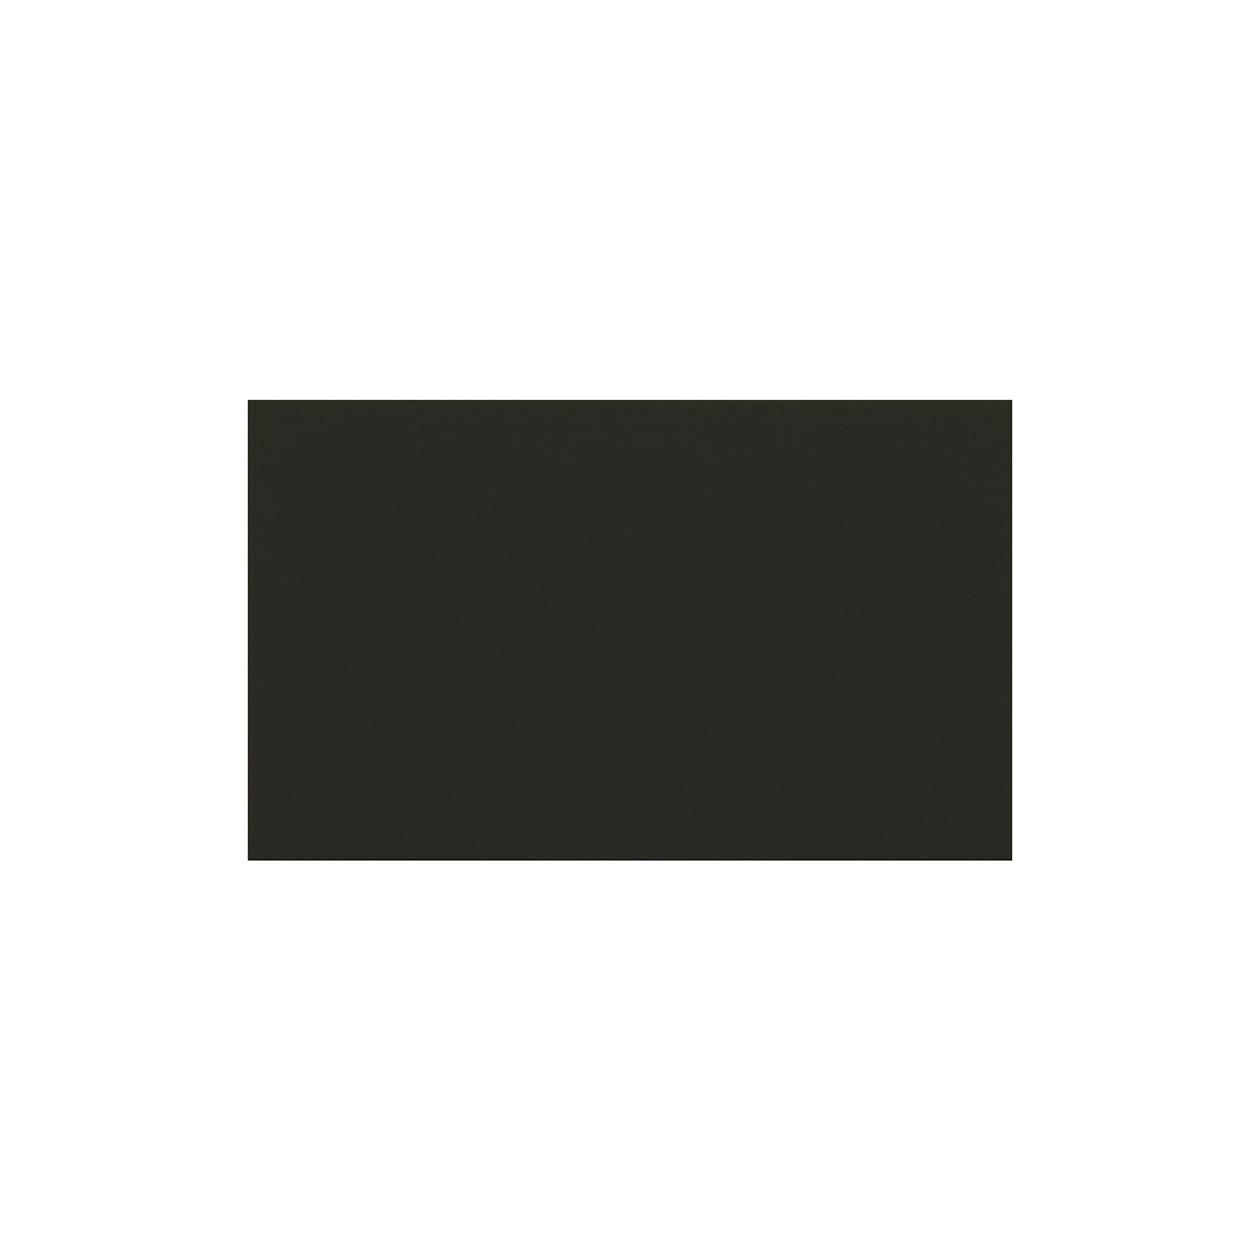 ネームカード Colors マットブラック 290g